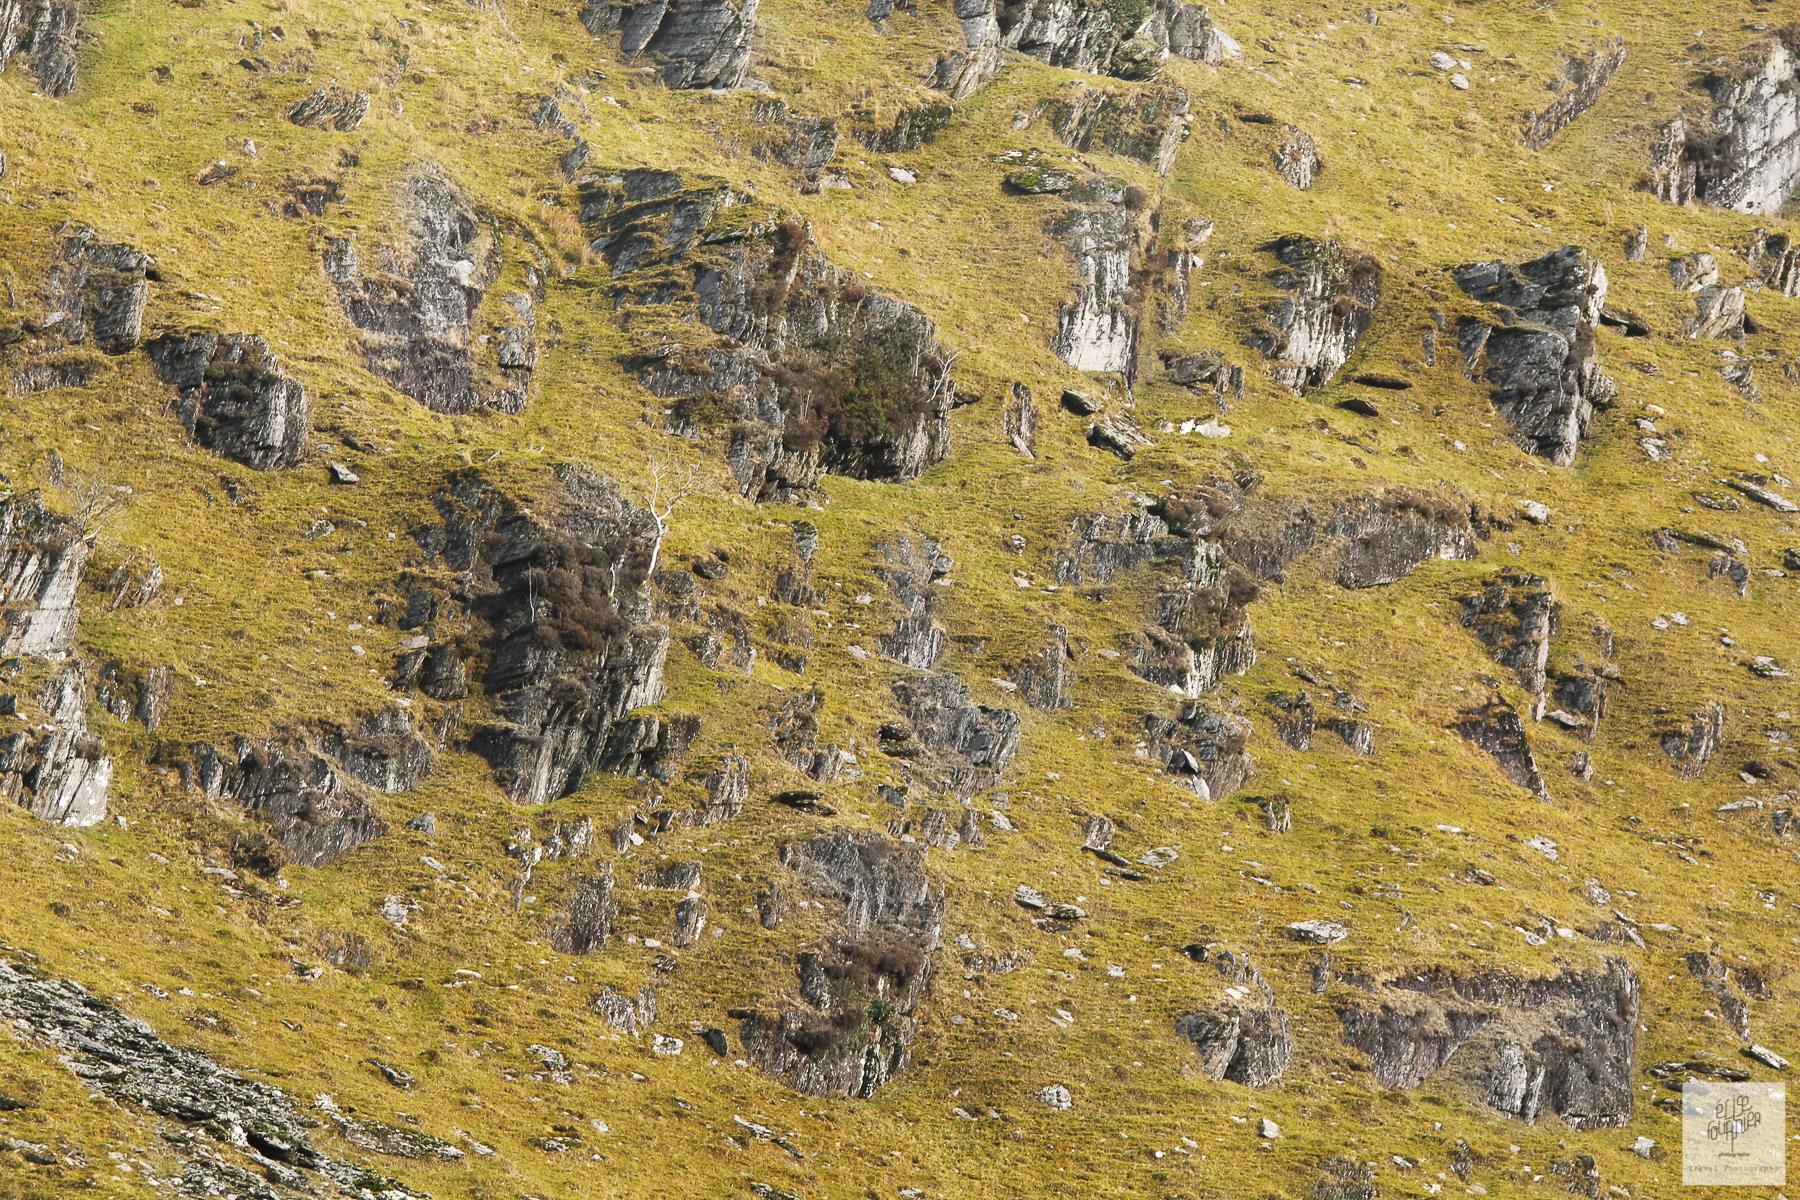 Ligne de vie - reportage photo au Pays de Galles - Brecons Beacons - Elise Fournier Photographe